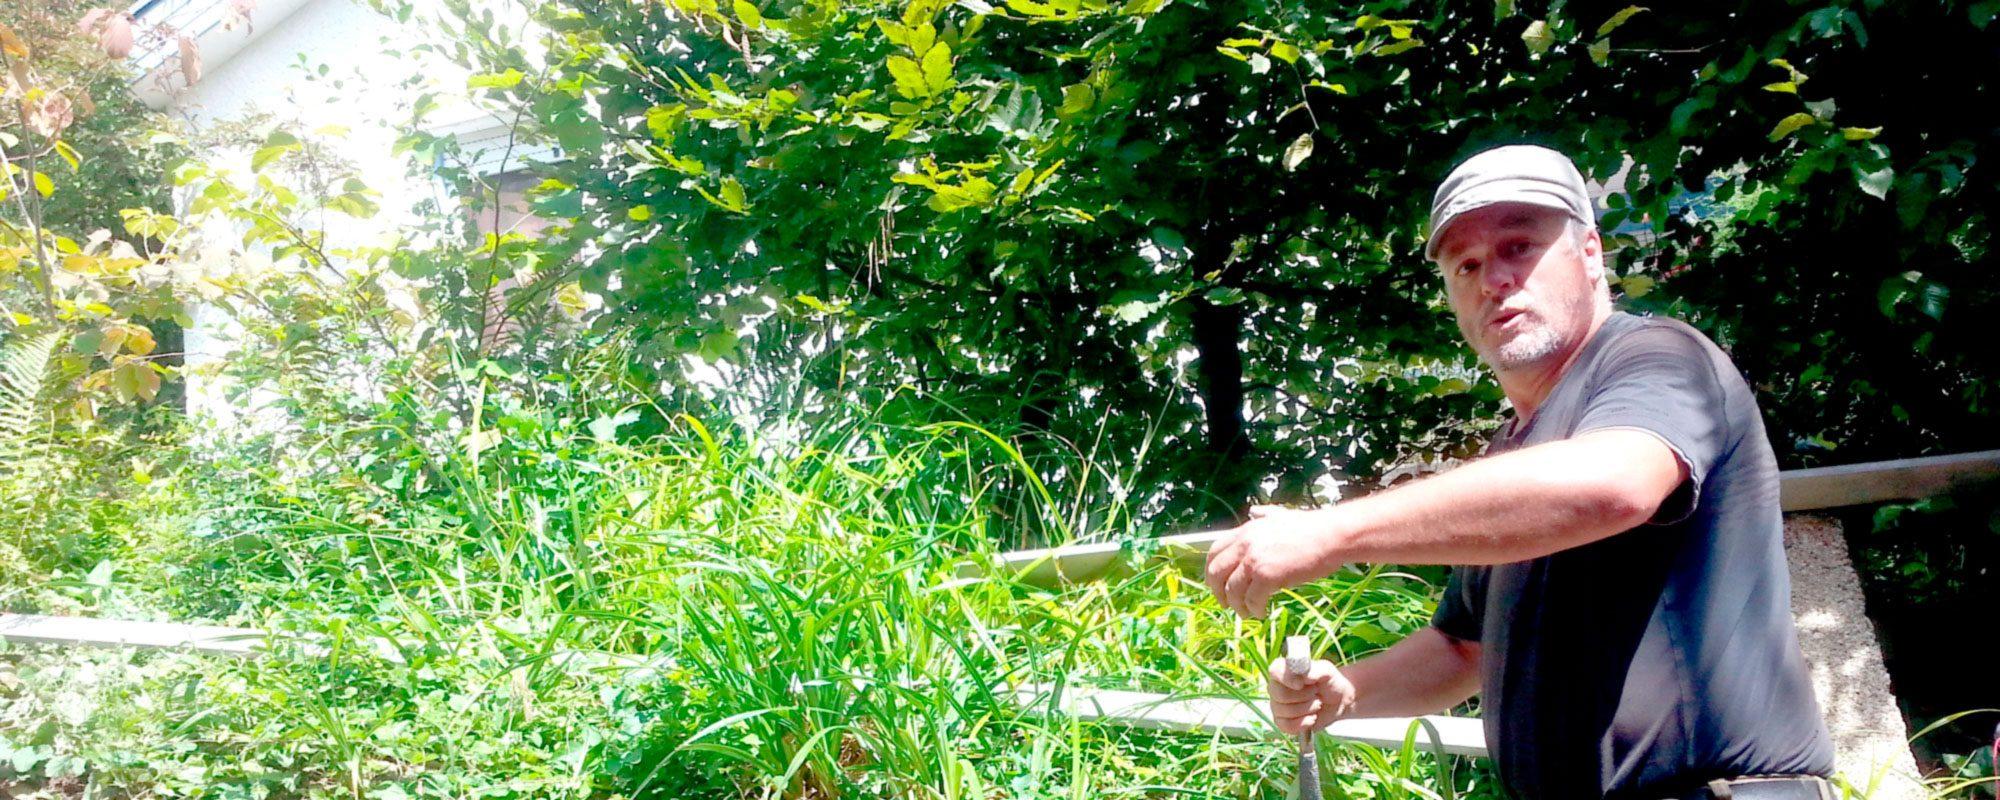 Peter Klett Garten- und Landschaftsbauer mit Leib und Seele